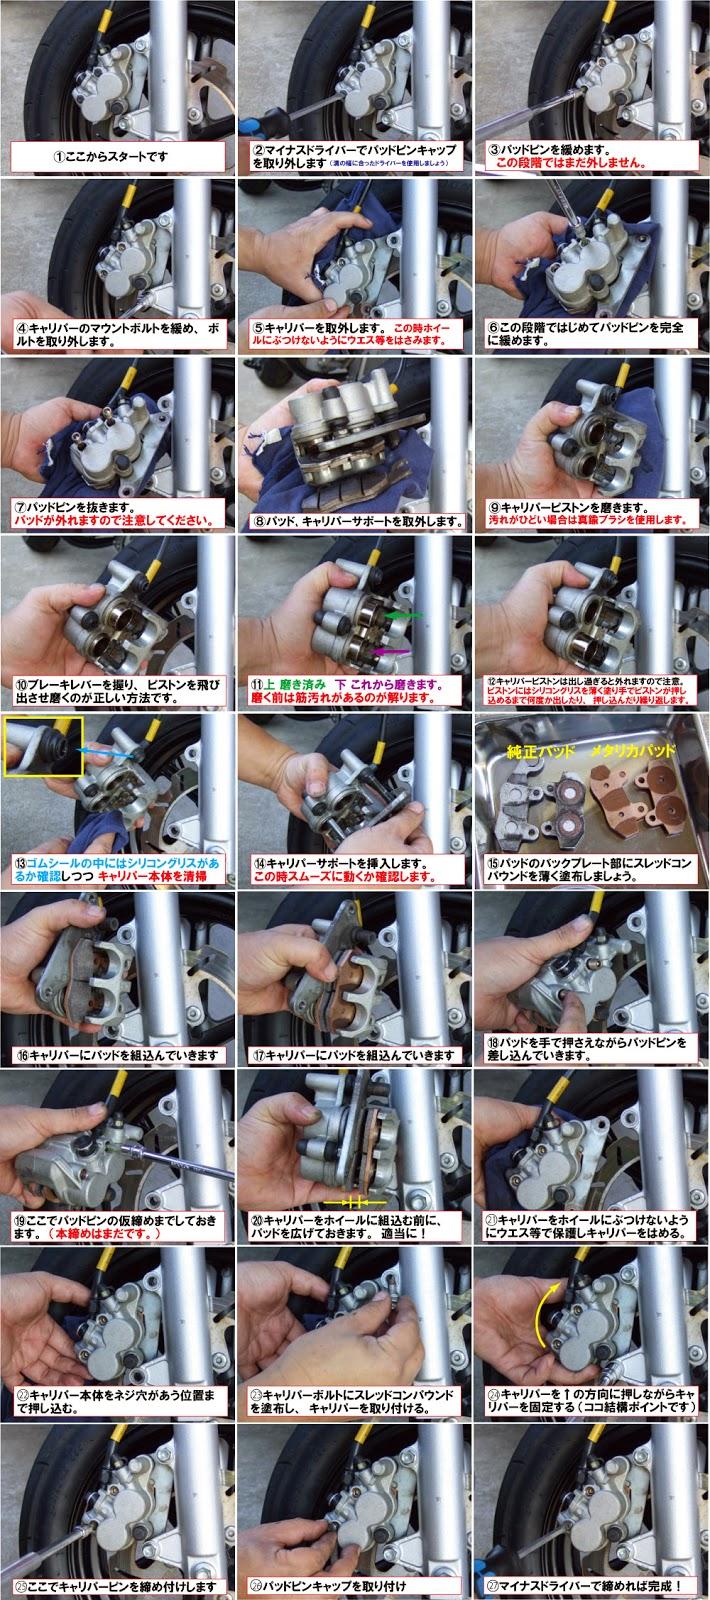 xr100モタード・ブレーキパッド交換、交換の仕方方法。工具以外にシリコングリスとスレッドコンパウンドを使用します。